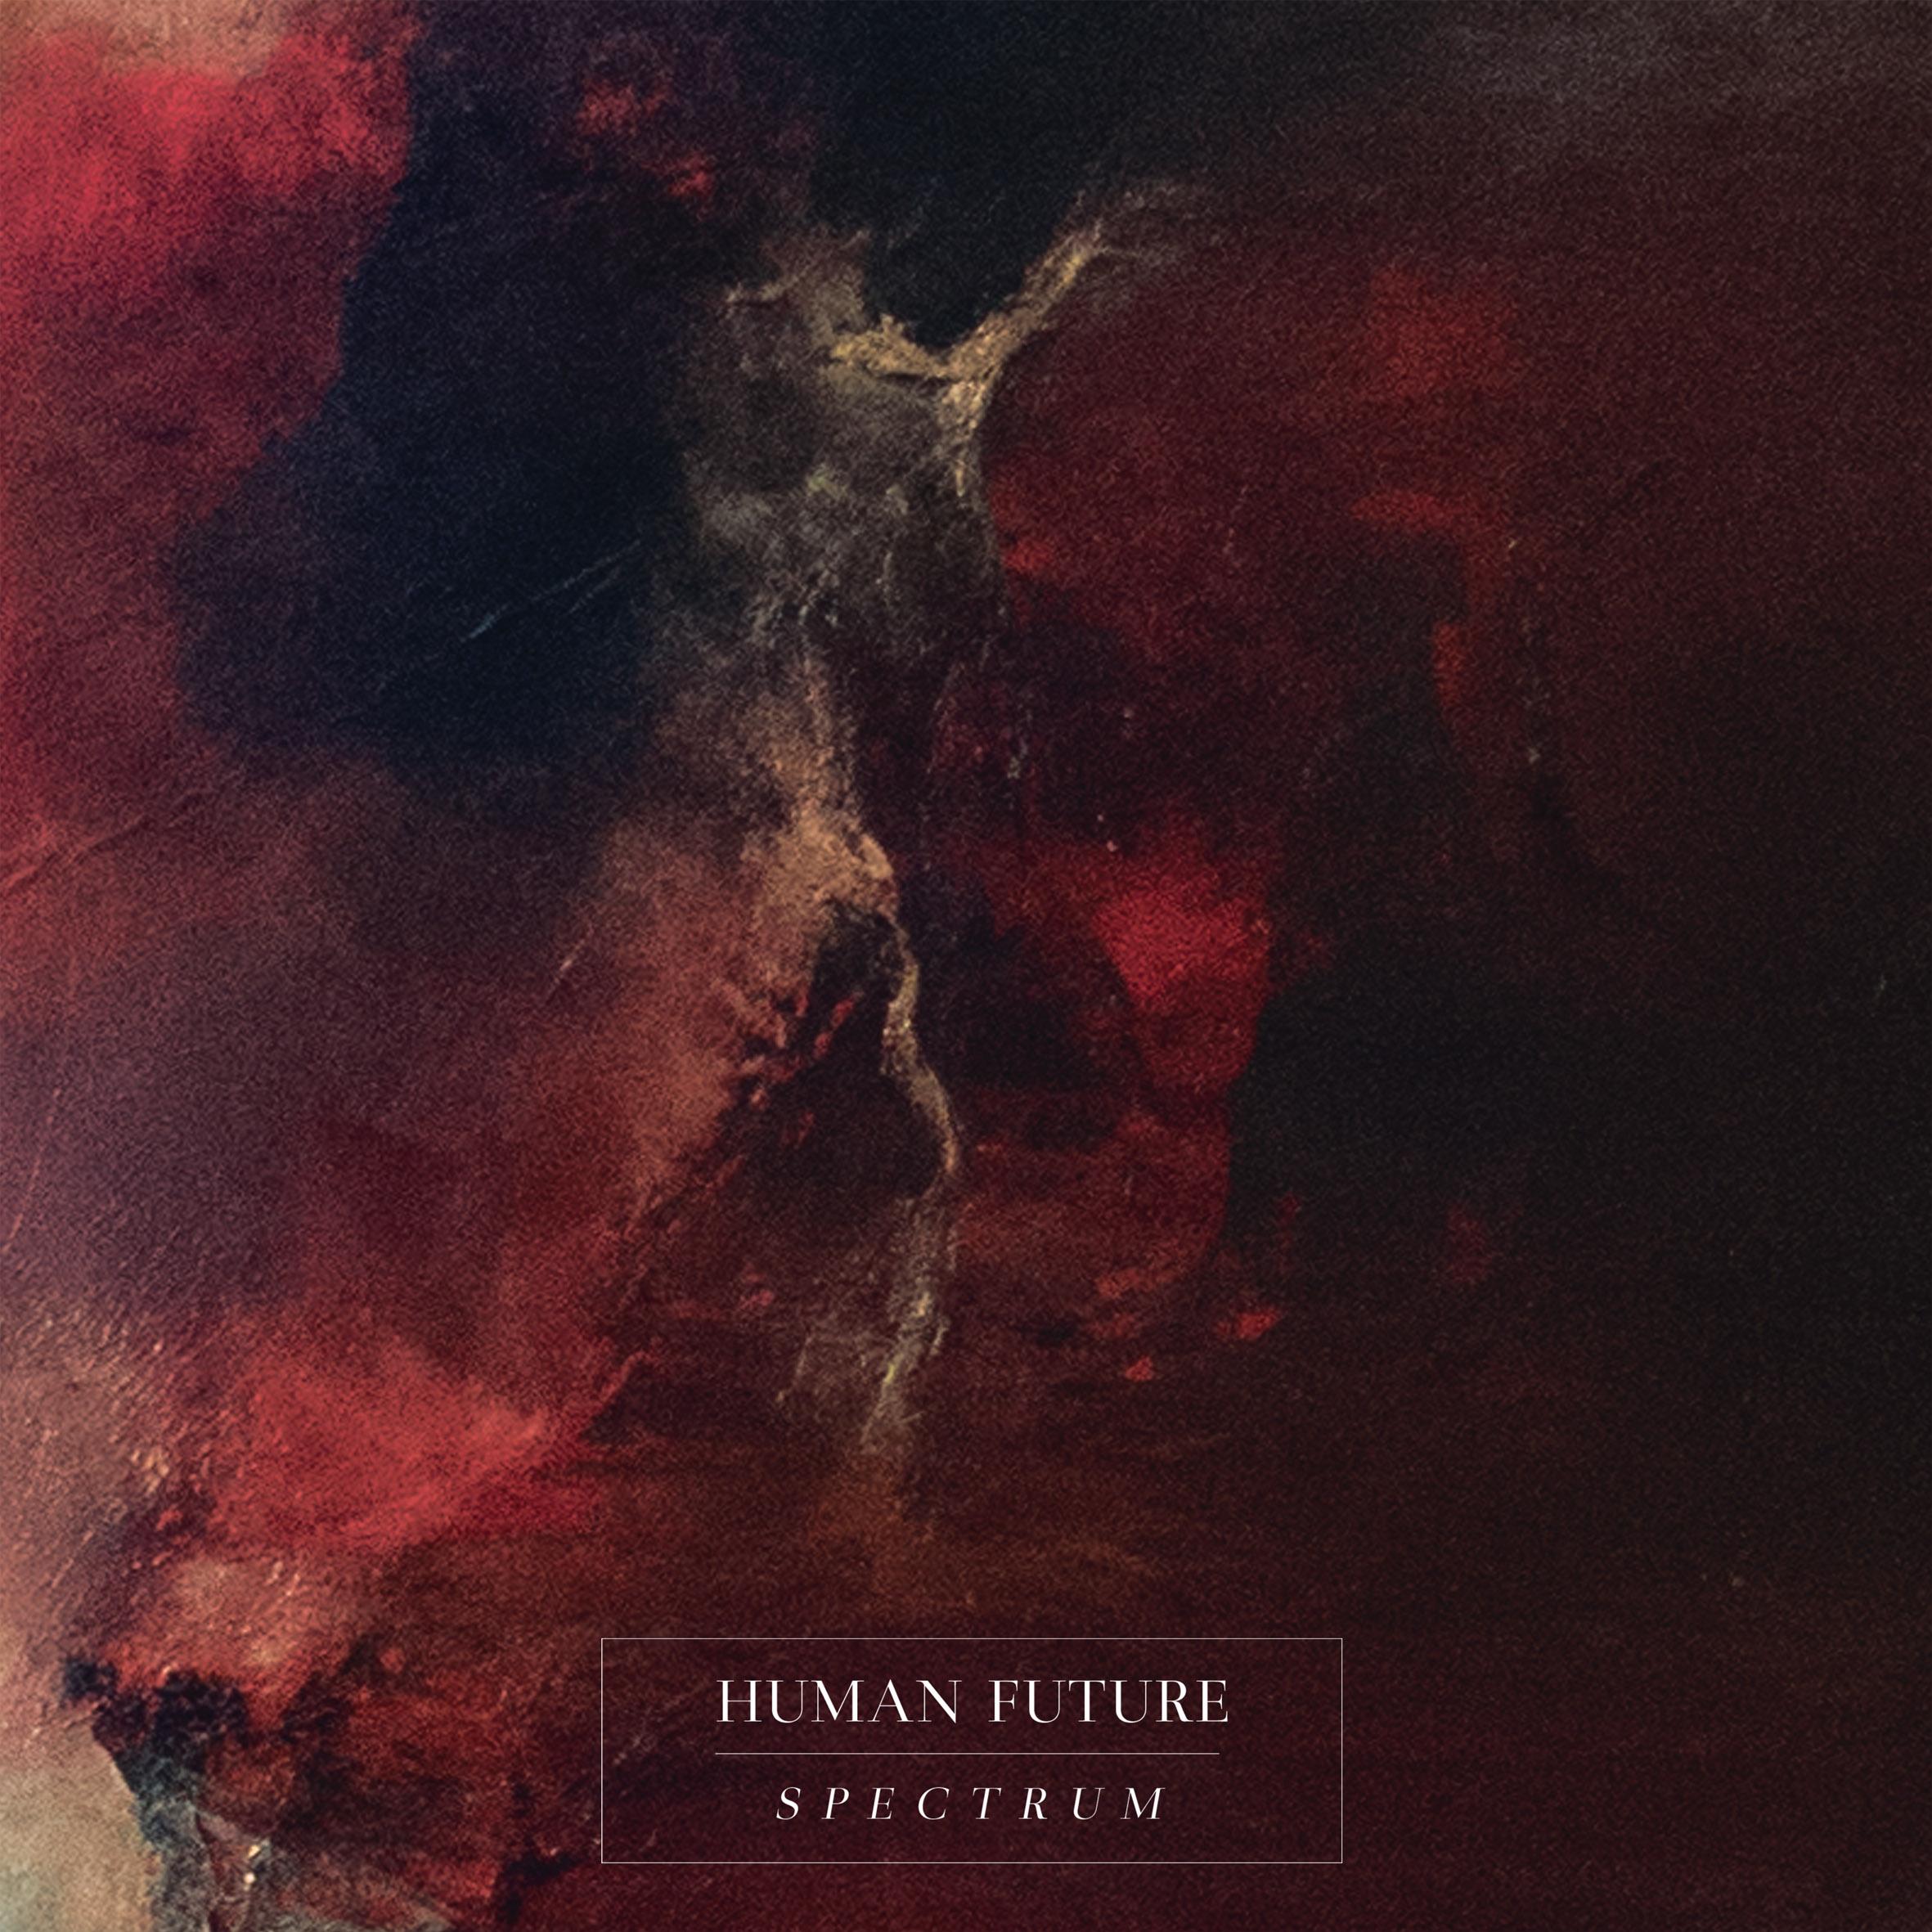 Human Future - Spectrum